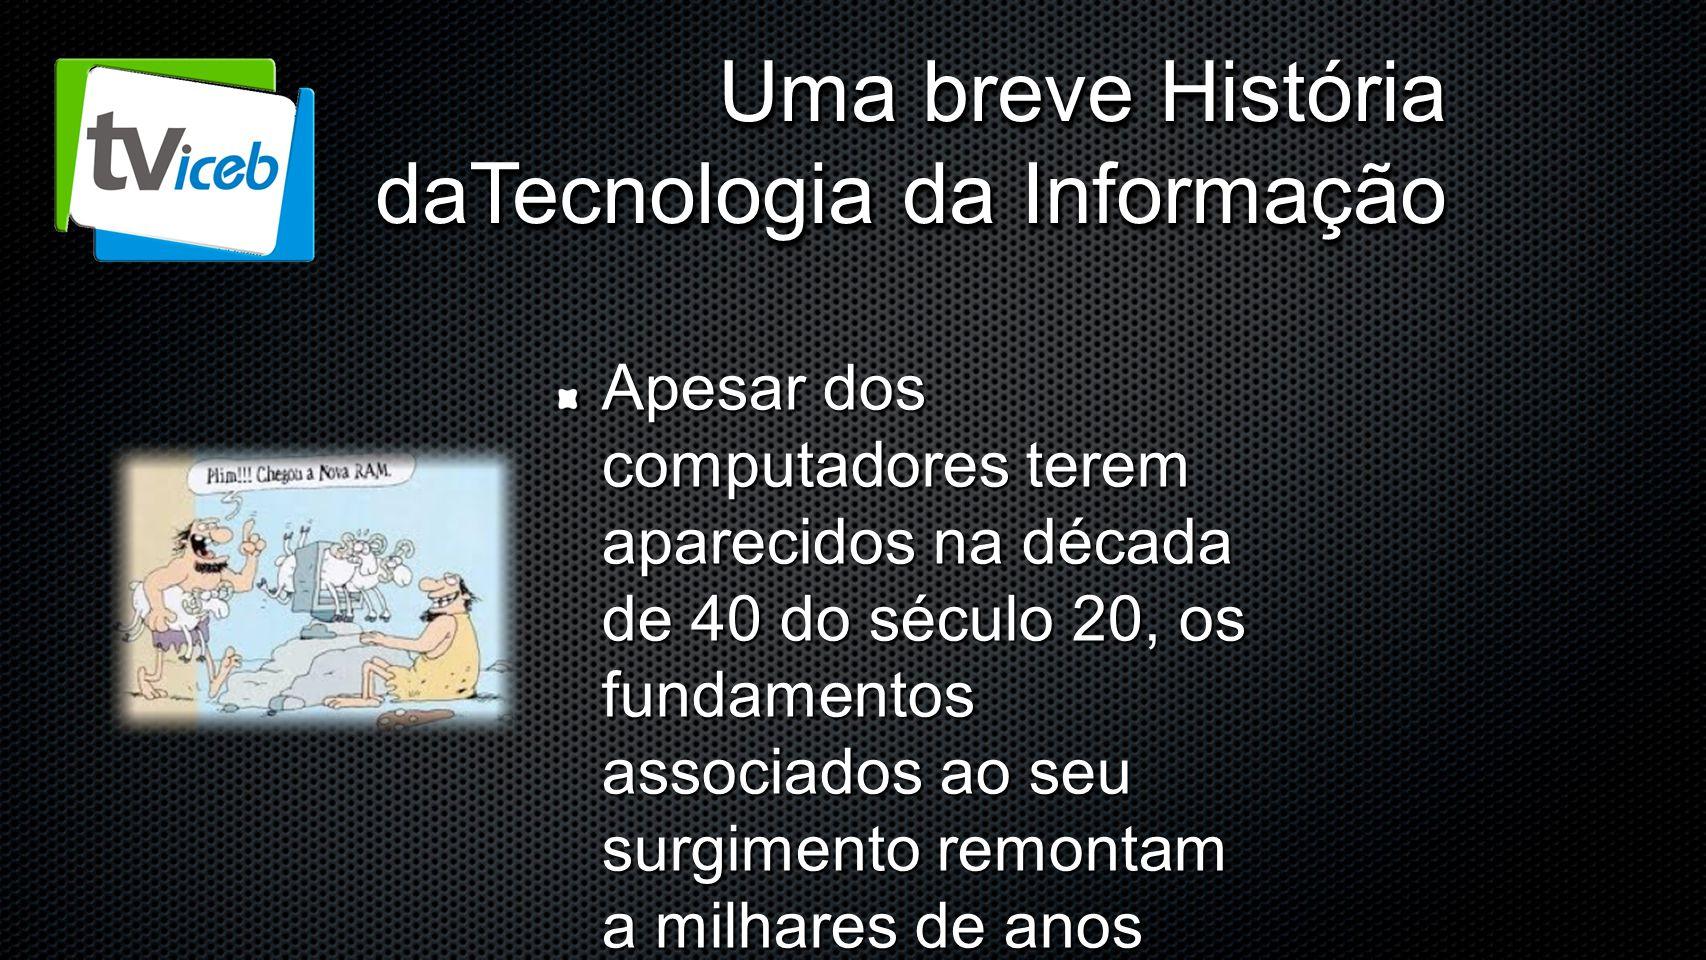 Uma breve História daTecnologia da Informação Apesar dos computadores terem aparecidos na década de 40 do século 20, os fundamentos associados ao seu